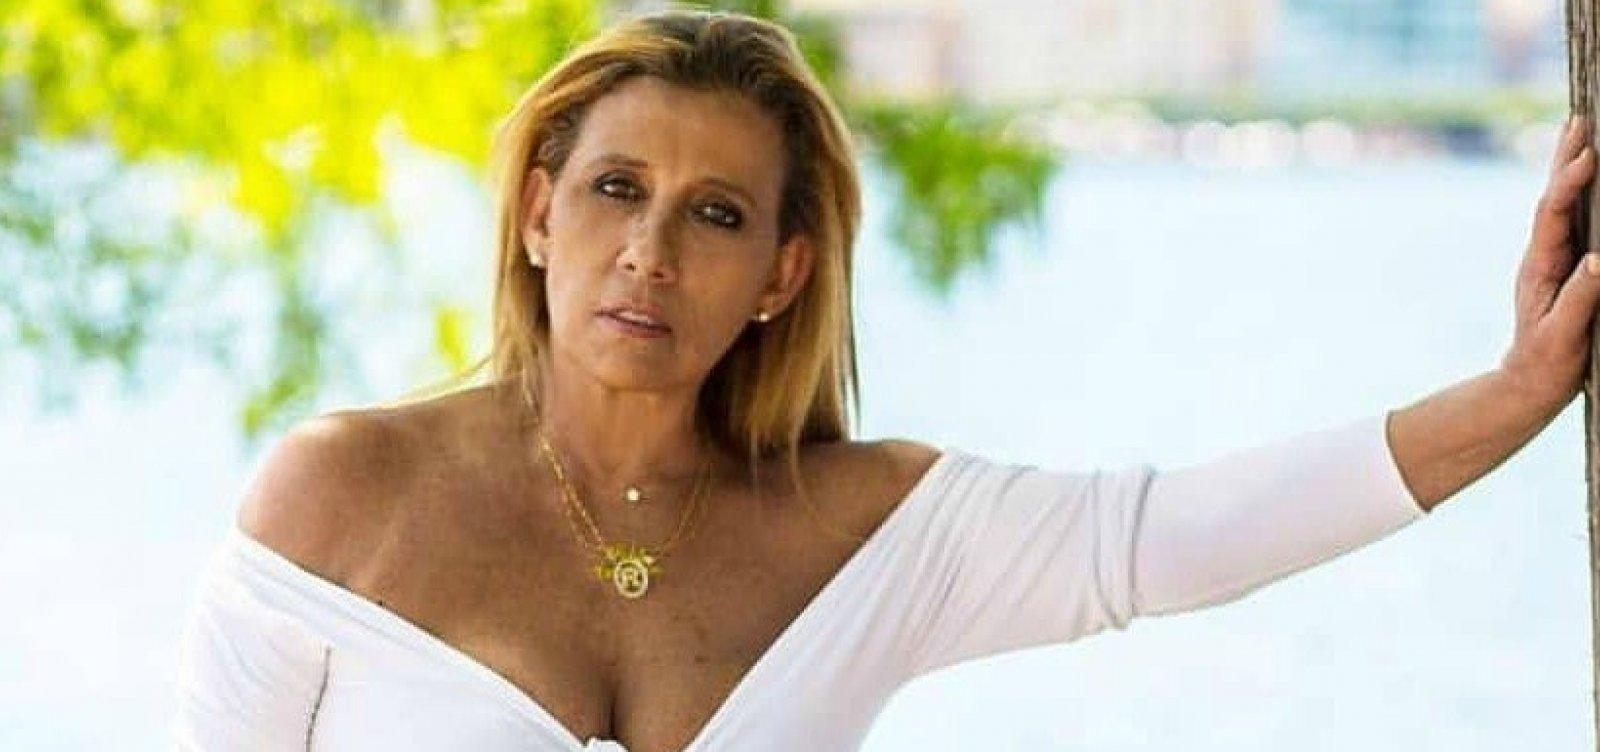 [Rita Cadillac recebe auxílio emergencial de R$ 600: 'Veio em boa hora']